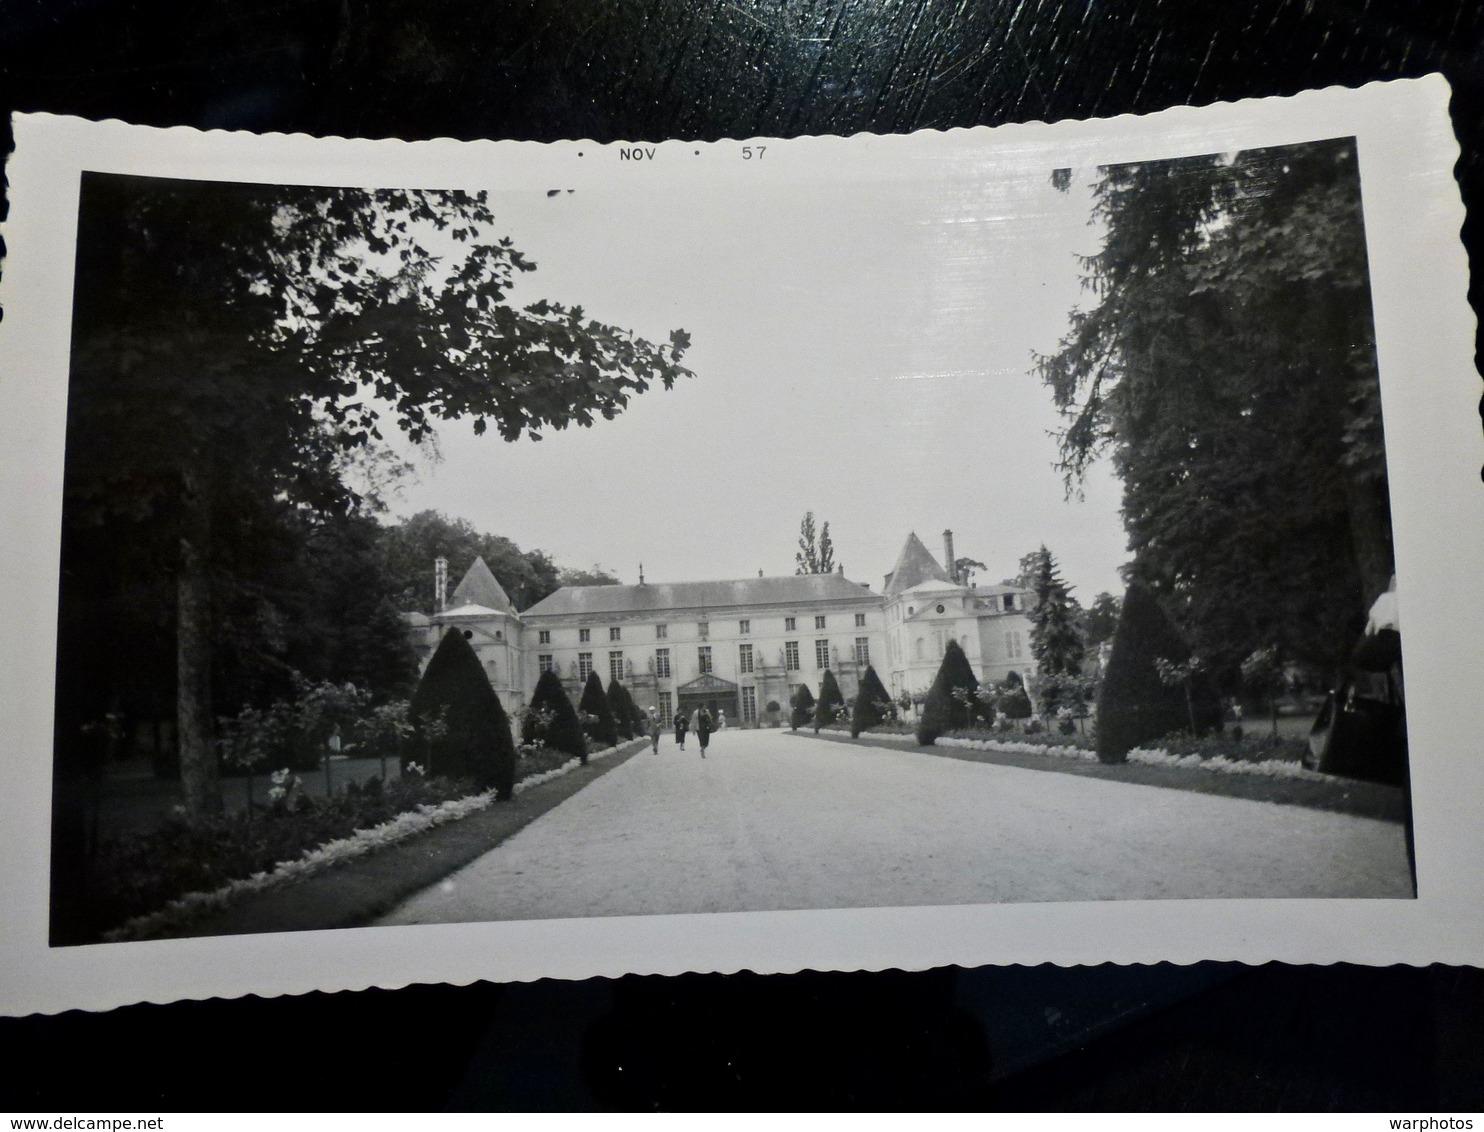 PHOTO ORIGINALE _ VINTAGE SNAPSHOT : CHATEAU De MALMAISON à RUEIL MALMAISON _ HAUTS De SEINE _ FRANCE _ 1957 - Lieux